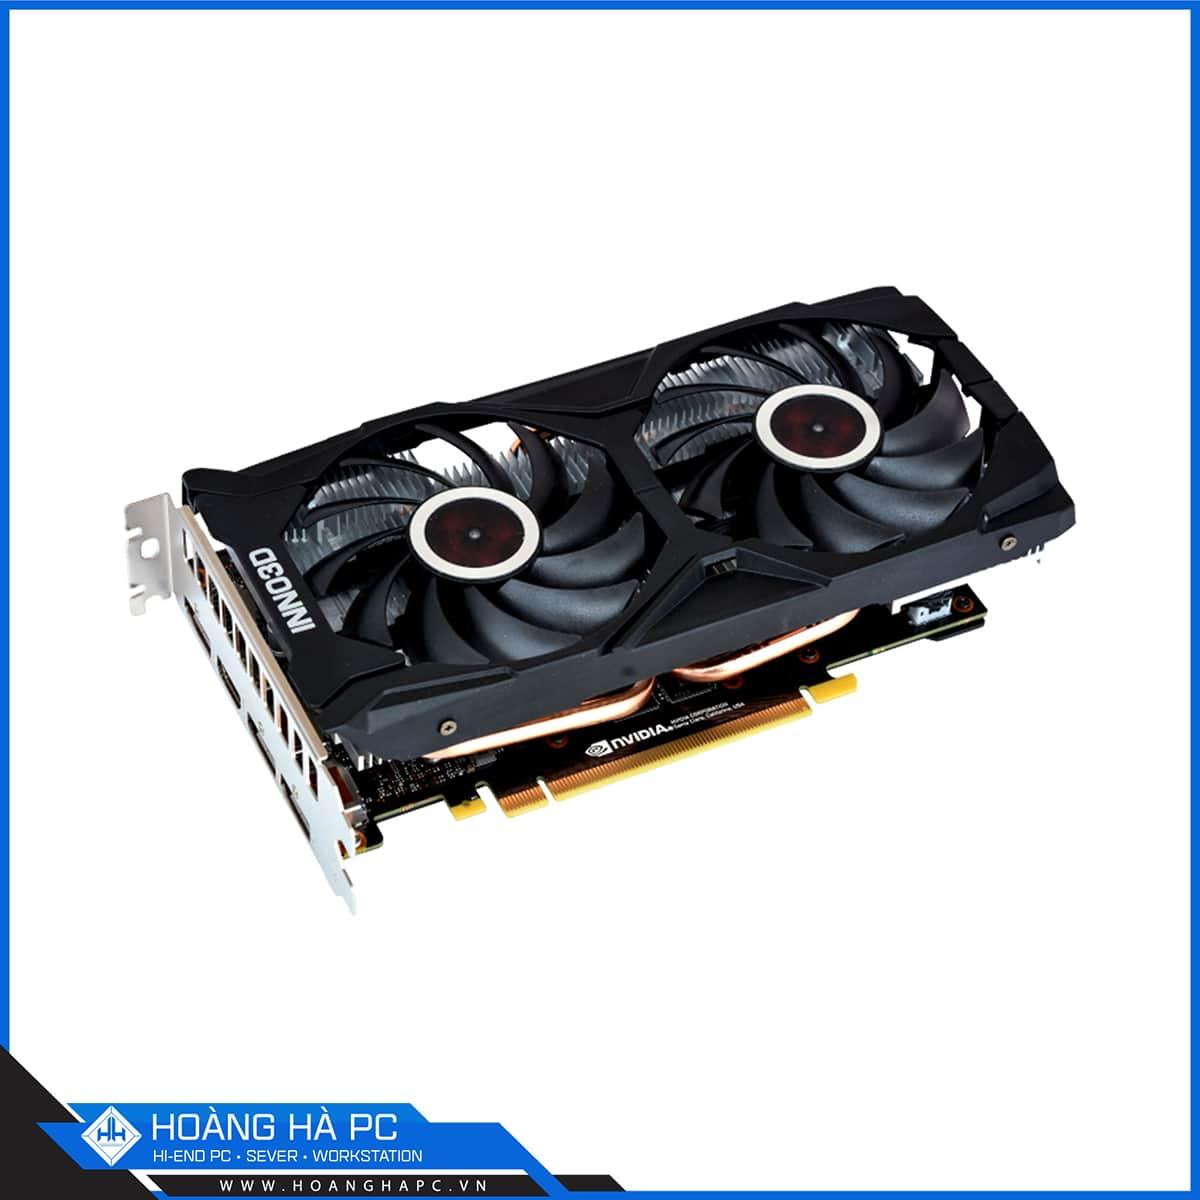 VGA Inno3d RTX 2060 6G Gaming OC X2